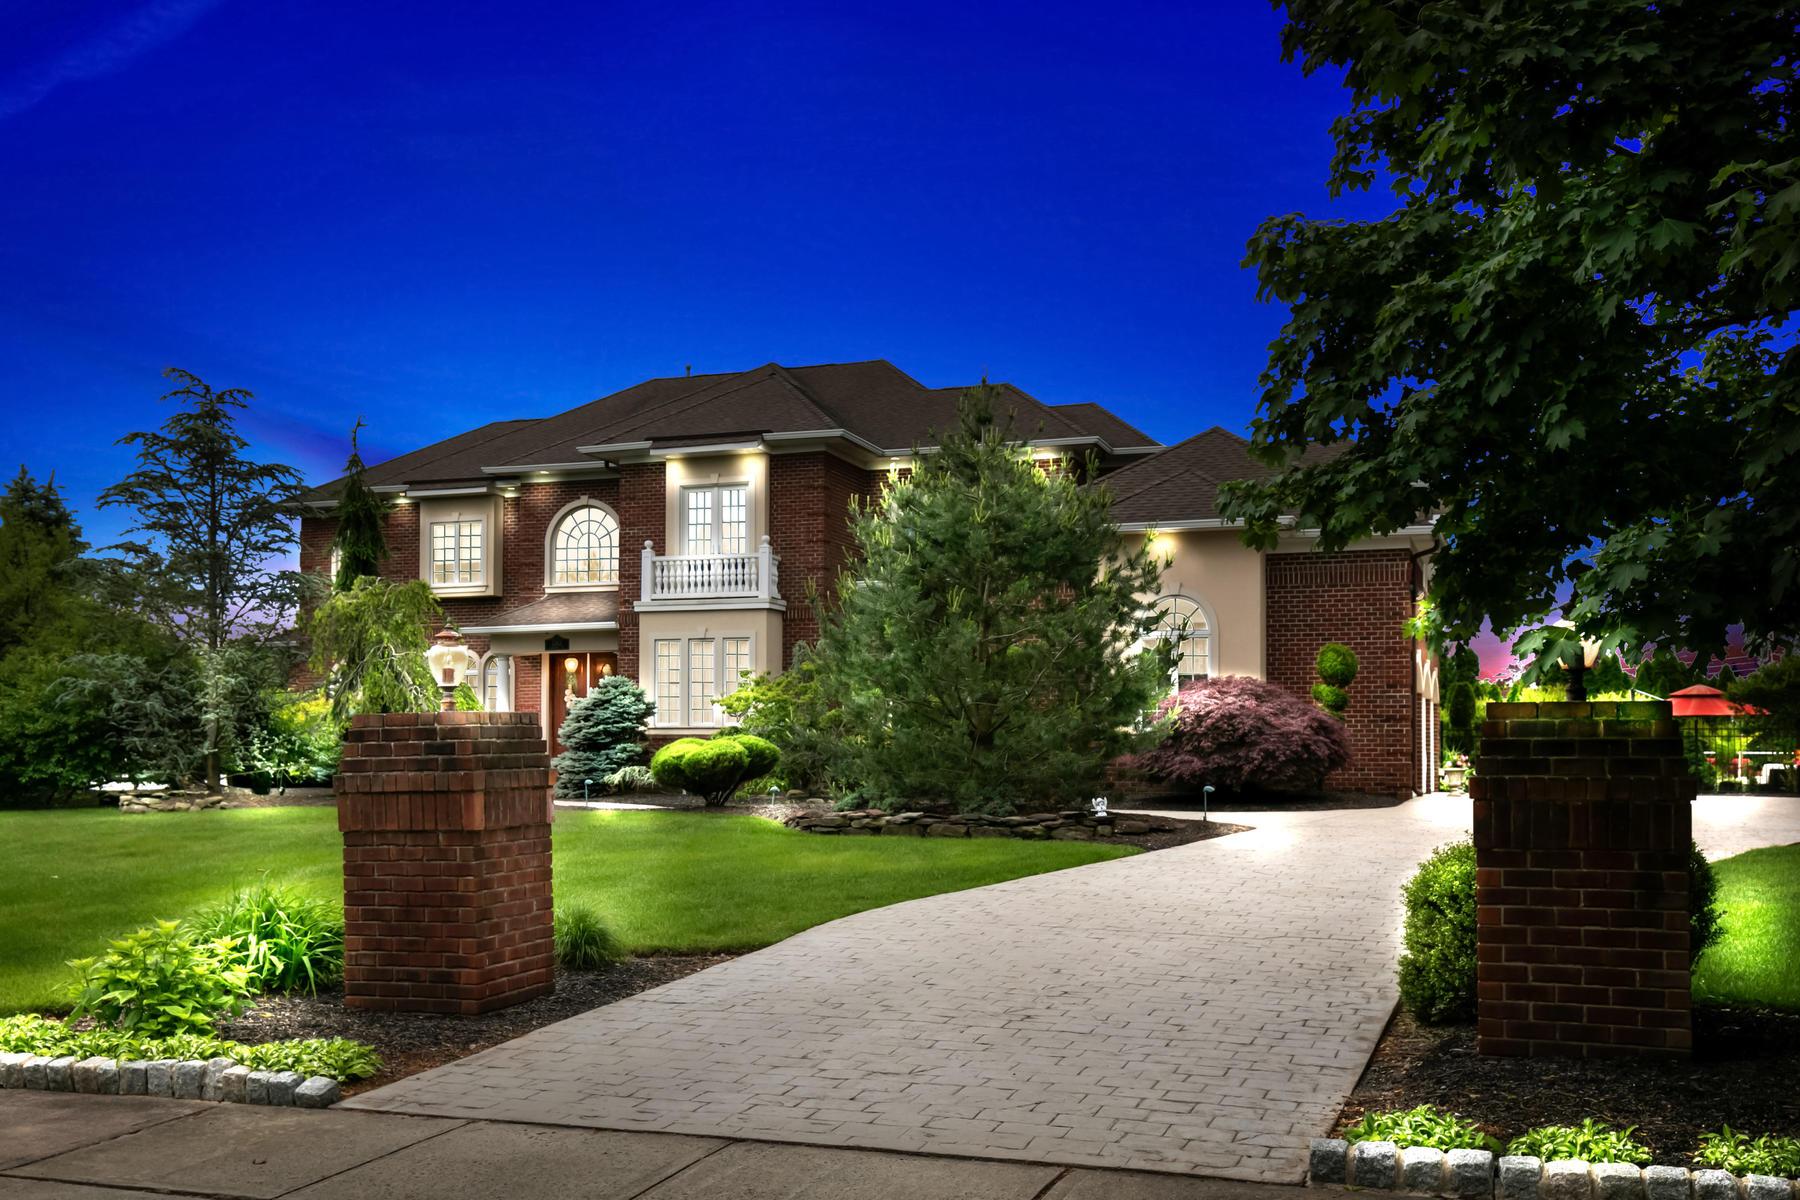 独户住宅 为 销售 在 1383 Cabernet Court 汤姆斯河, 新泽西州 08753 美国